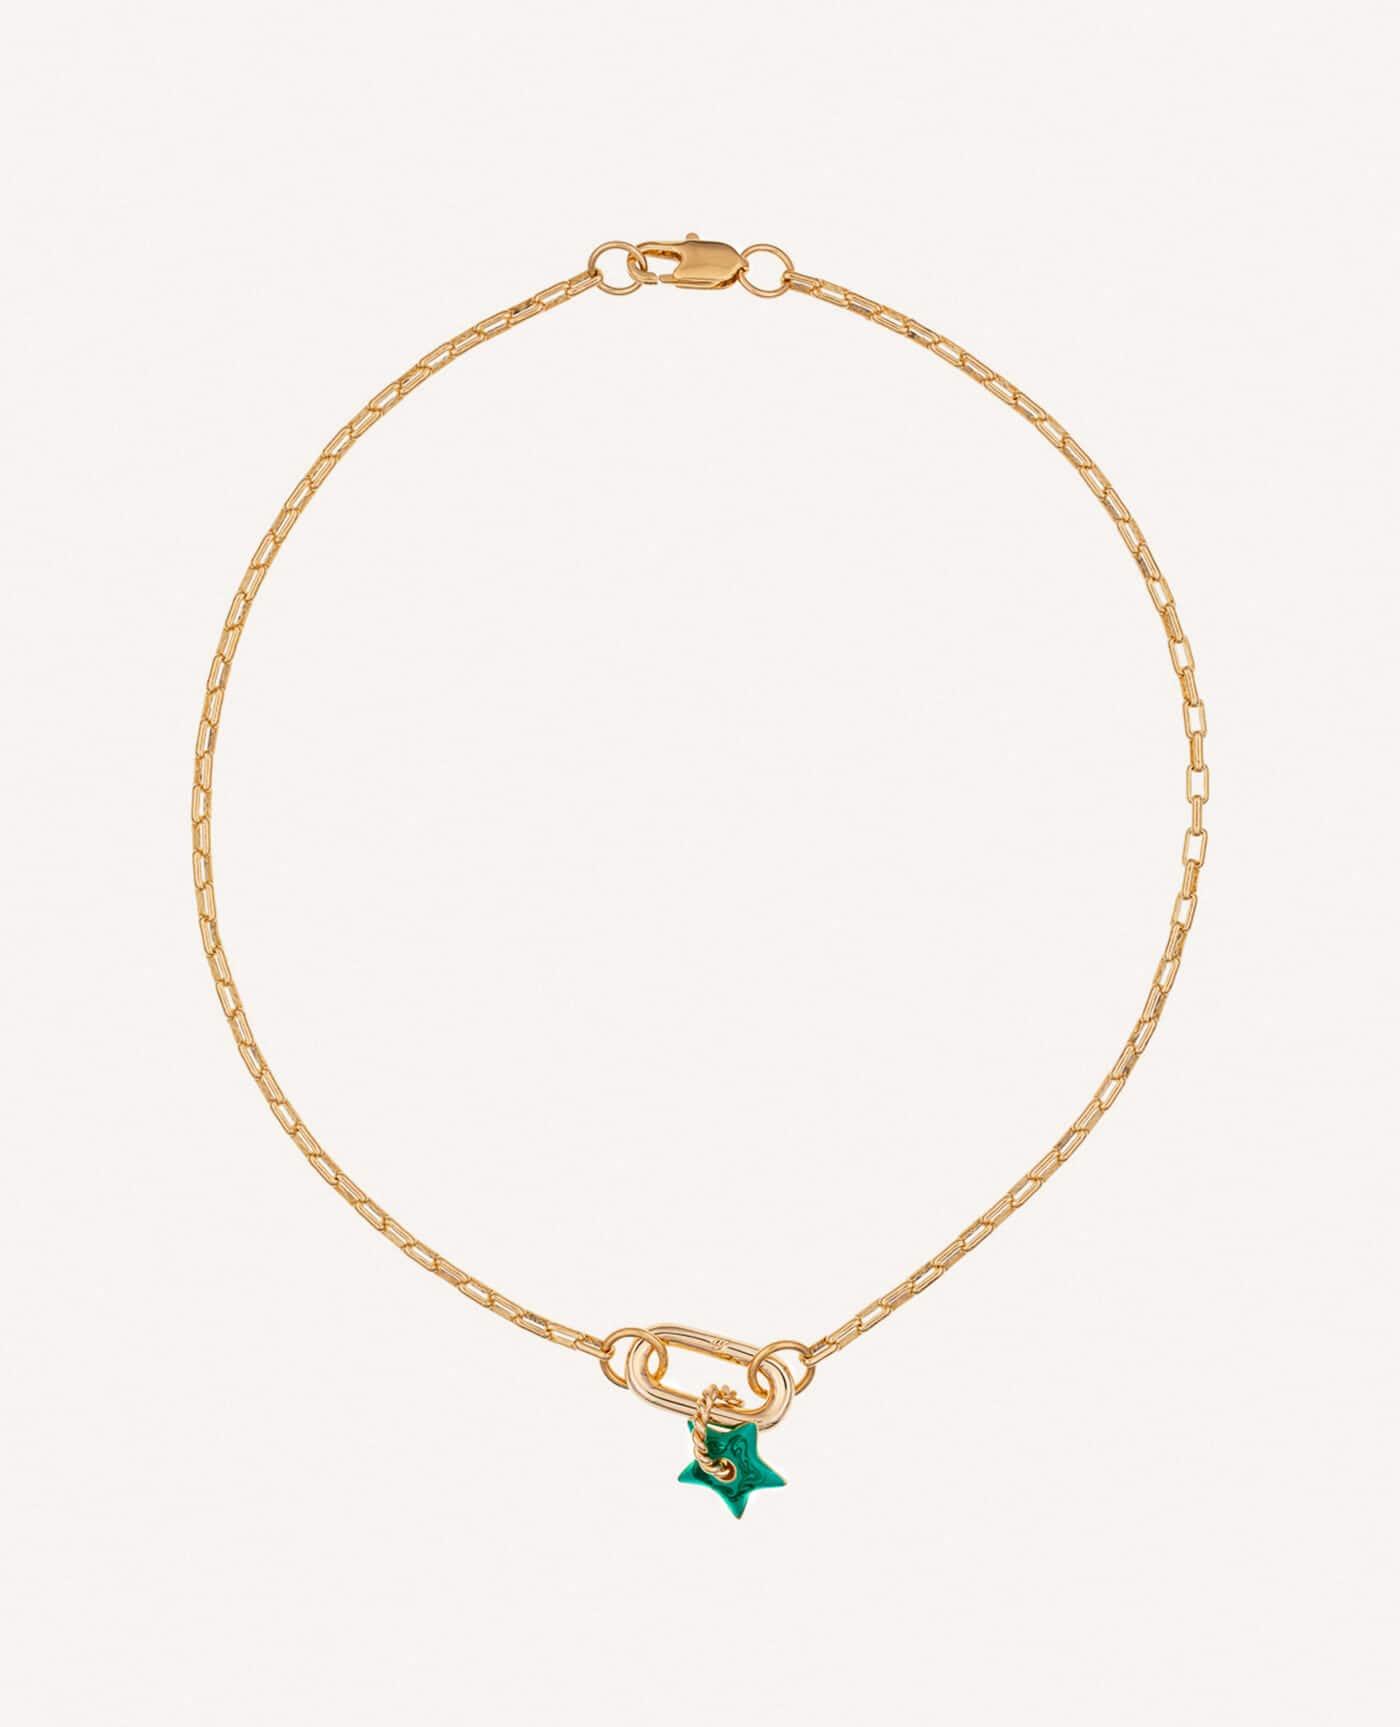 Collier Anemone ras de cou charm avec étoile verte émaillé de la marque Luj Paris